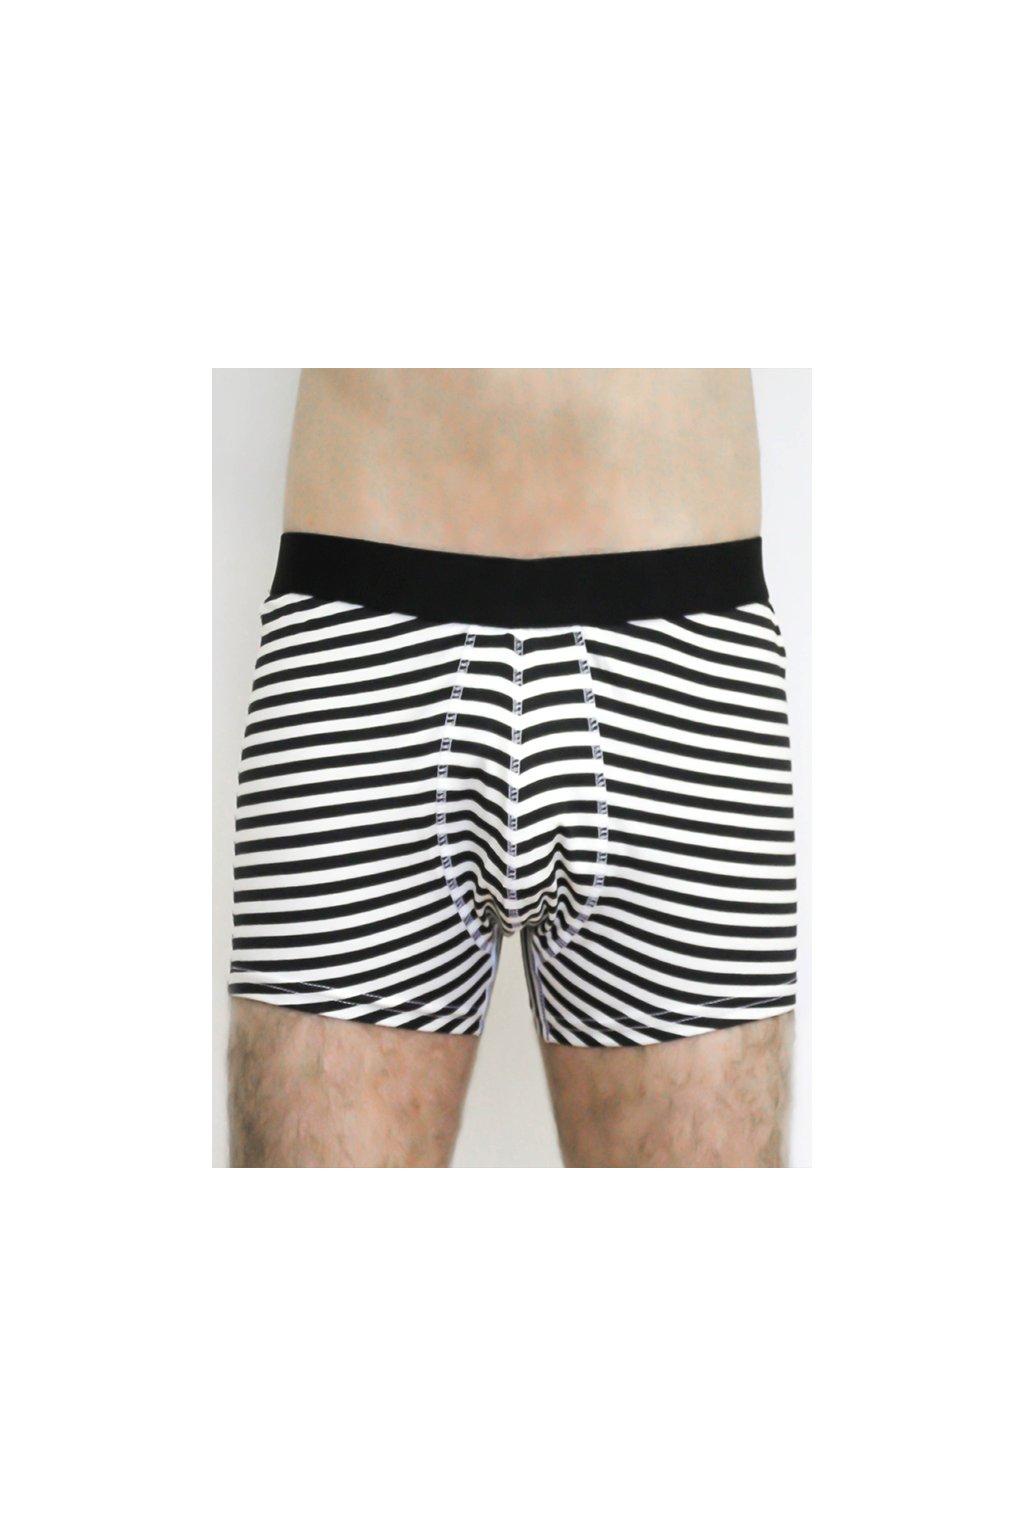 """Pánské proužkaté boxerky """"Trunk Shorts Stripes"""" (Velikost L)"""